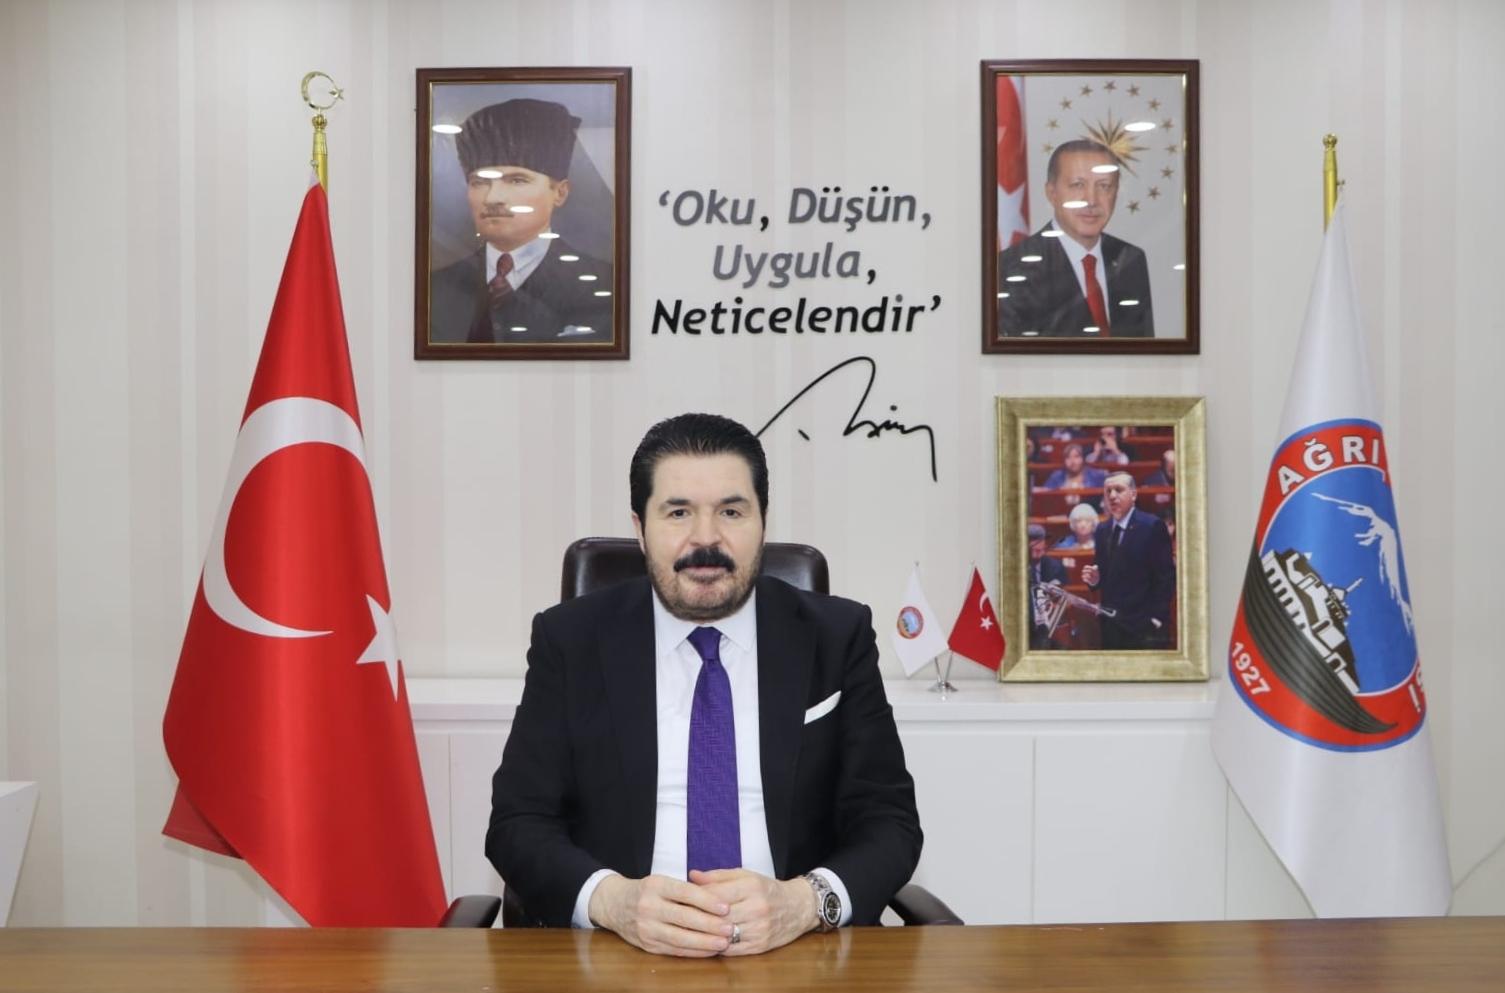 Belediye Başkanı Savcı Sayan'ın 24 Kasım Öğretmenler Günü Mesajı